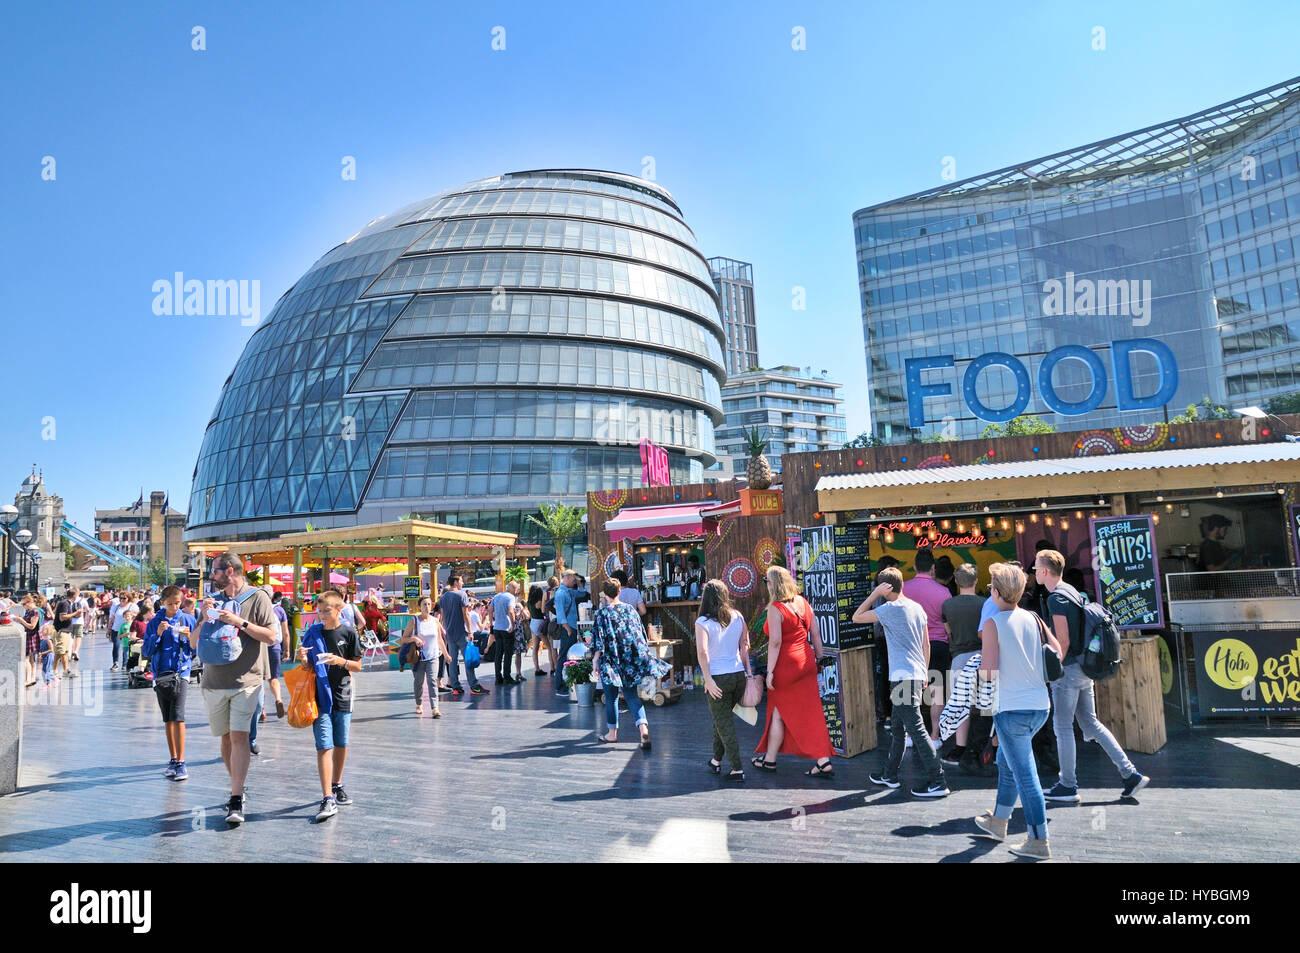 Mehr London Riverside und Rathaus.  Menschen genießen das sommerliche Wetter und Essen Ständen in der Stockbild